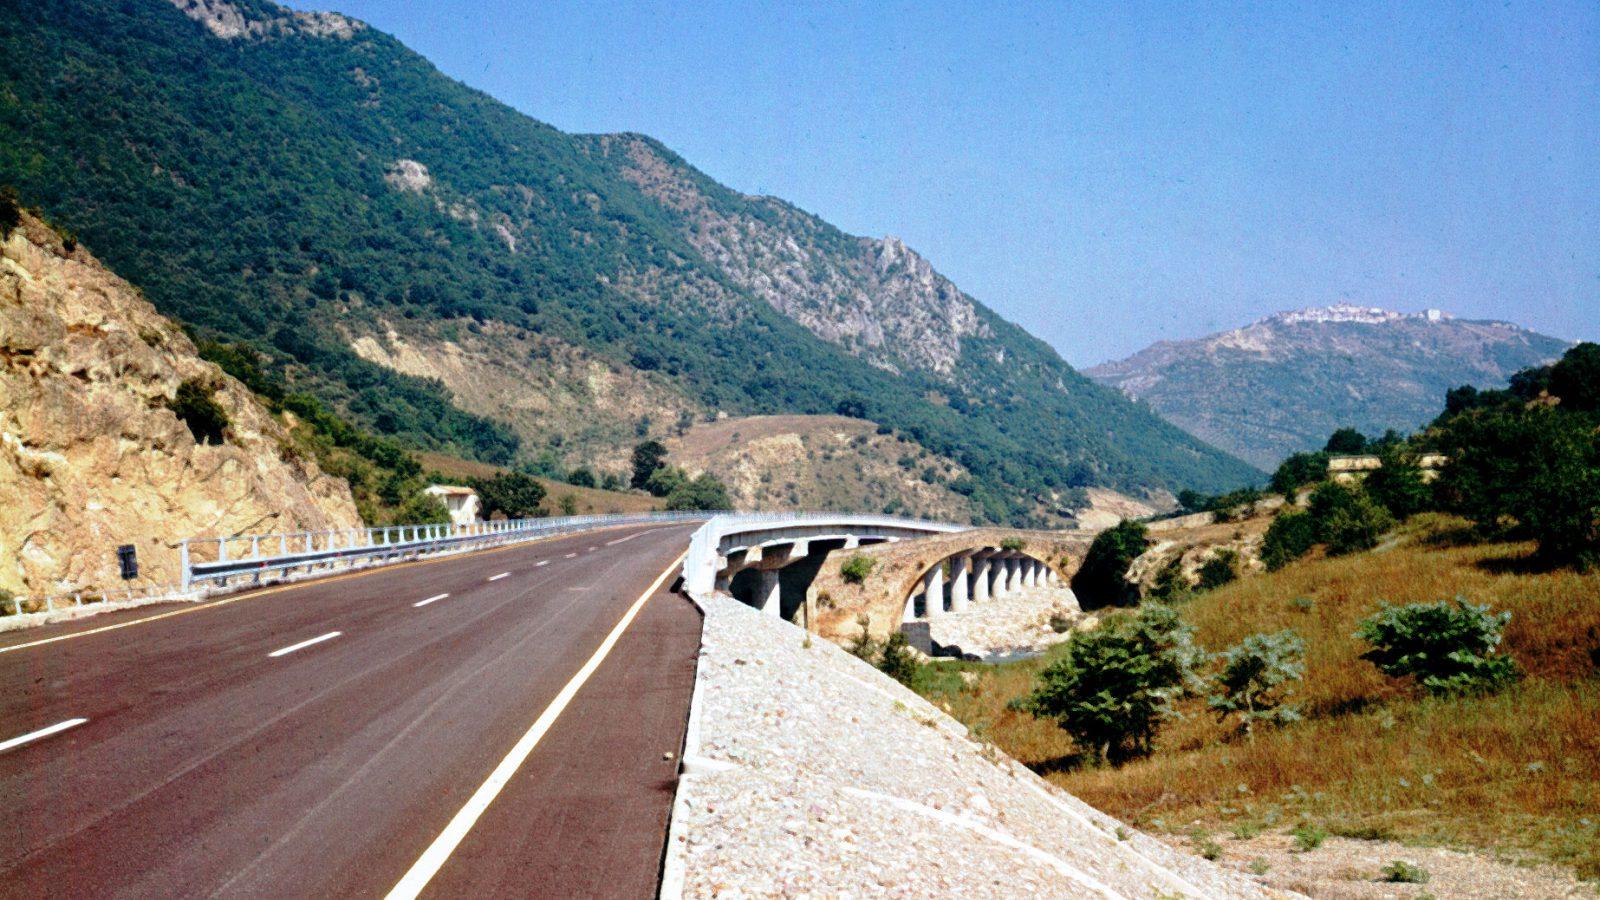 Autostrada Salerno – Reggio Calabria negli anni '70 (Archivio storico Anas)